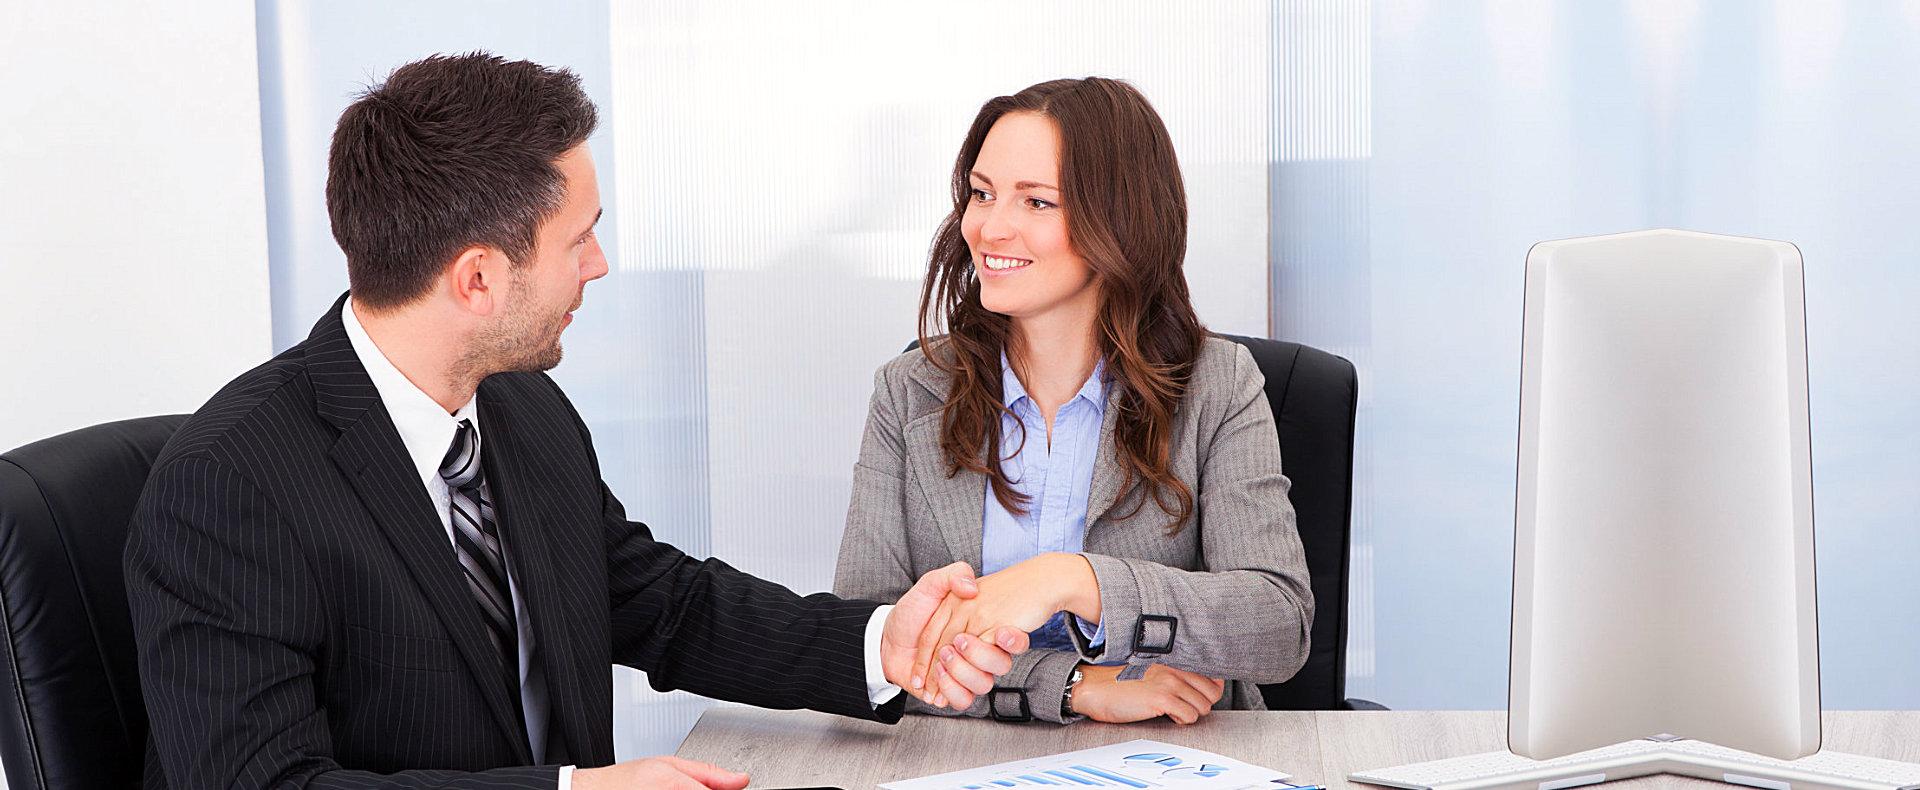 two business people doing handshake